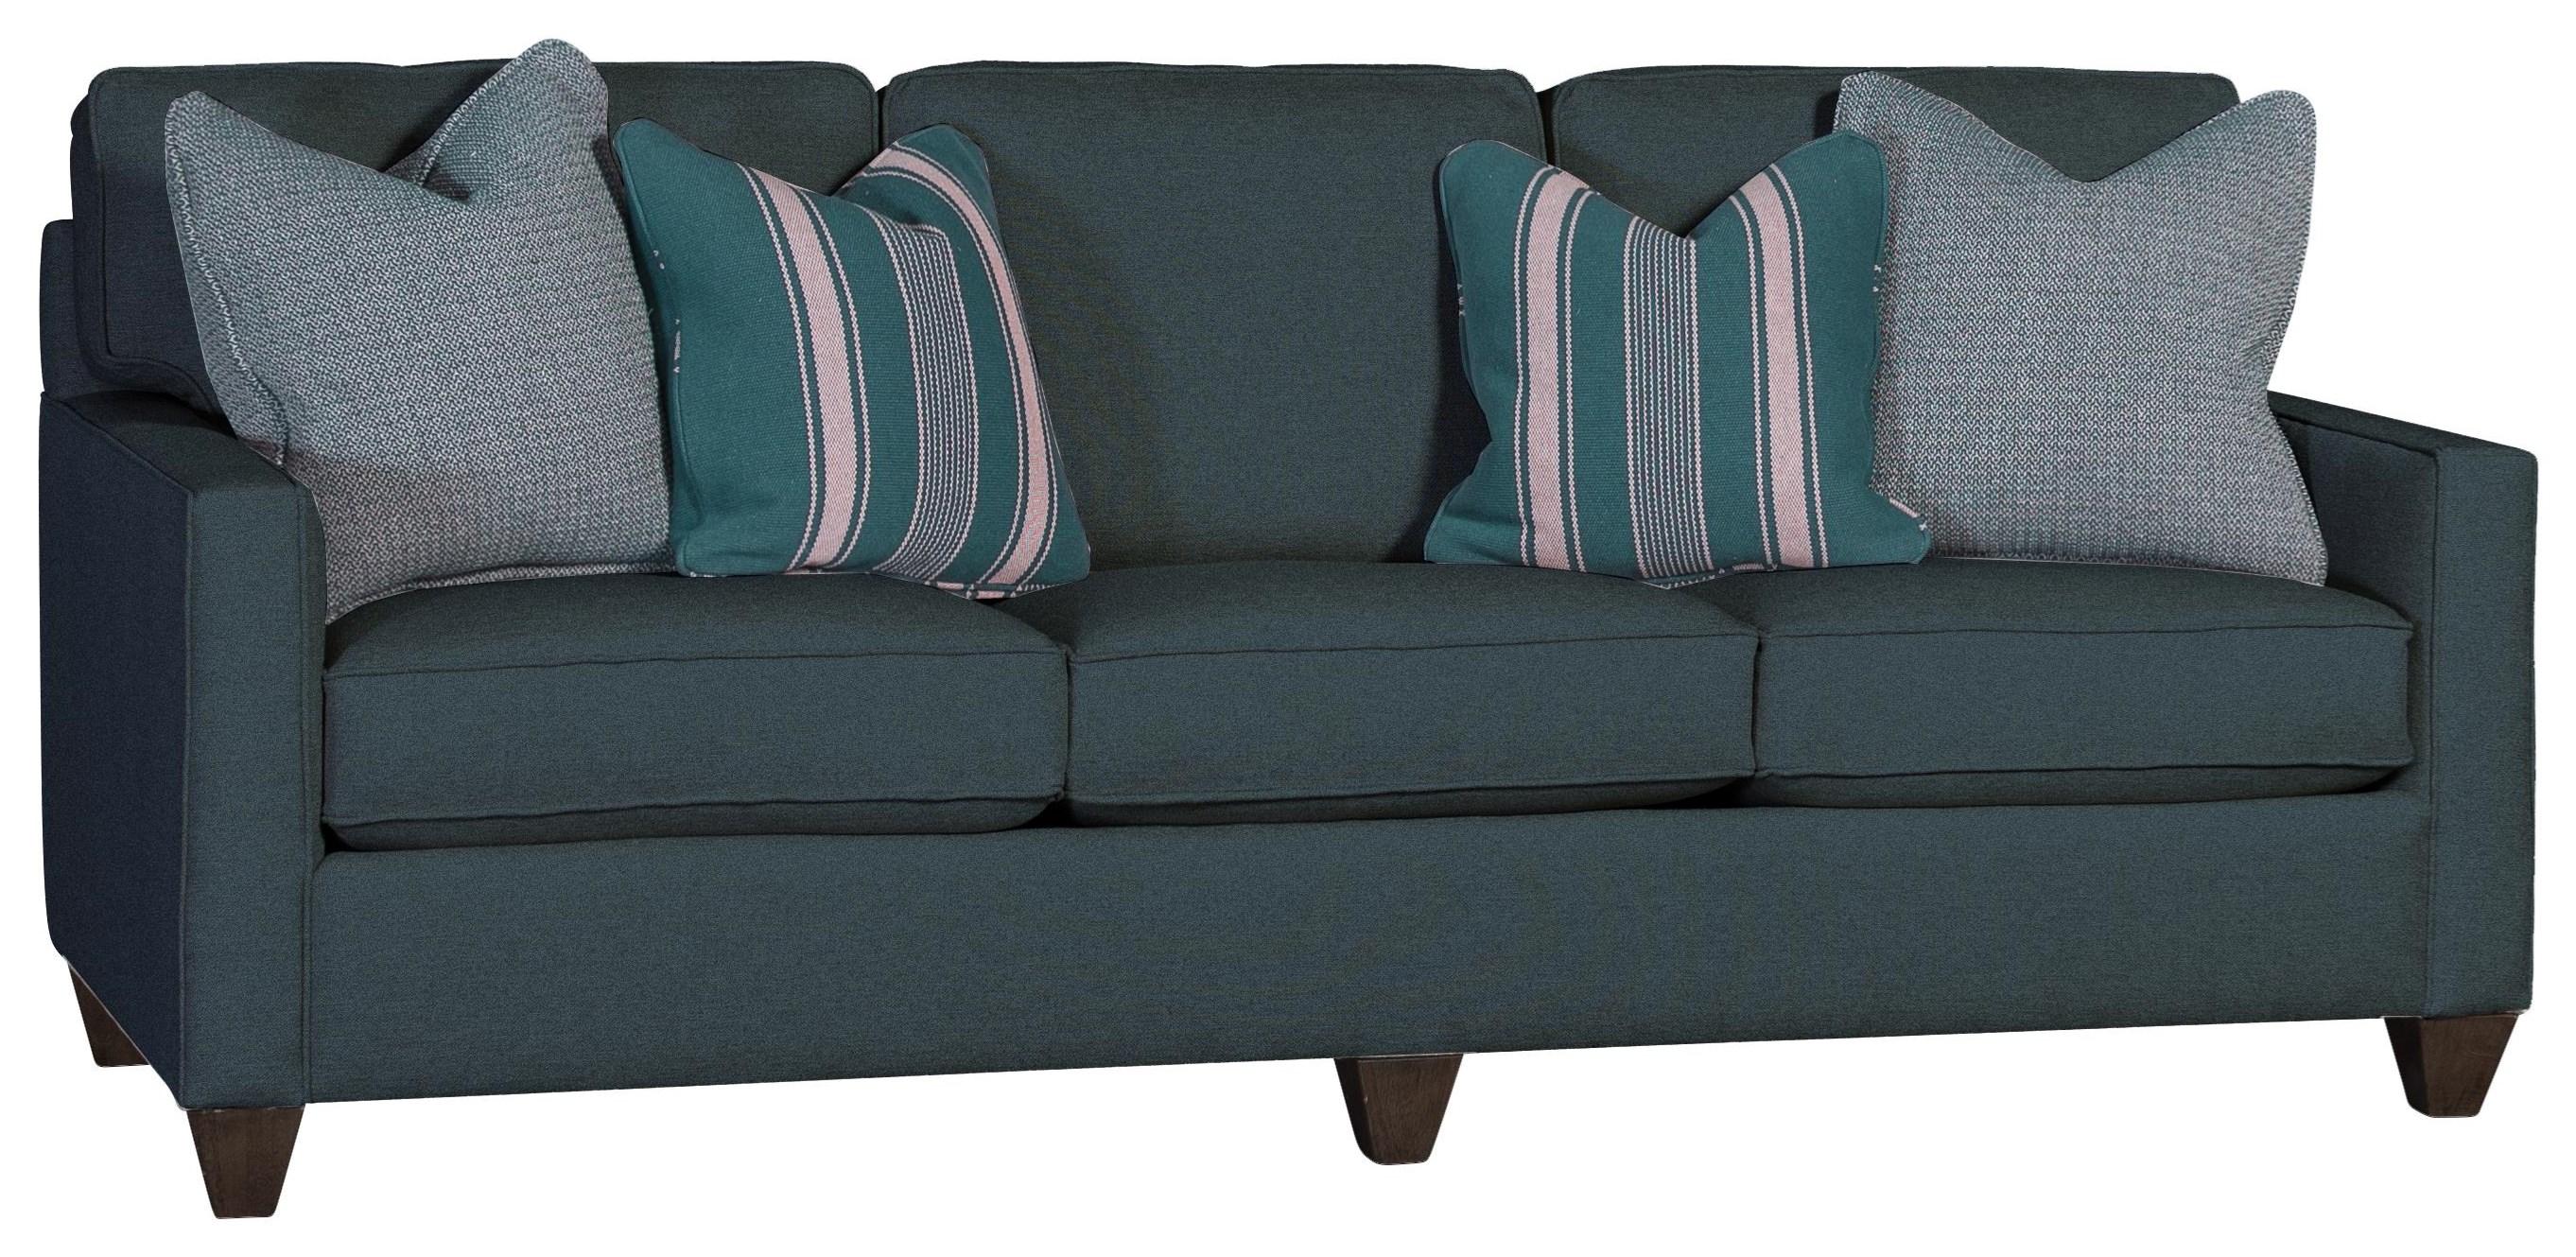 3830 Sofa by Mayo at Johnny Janosik